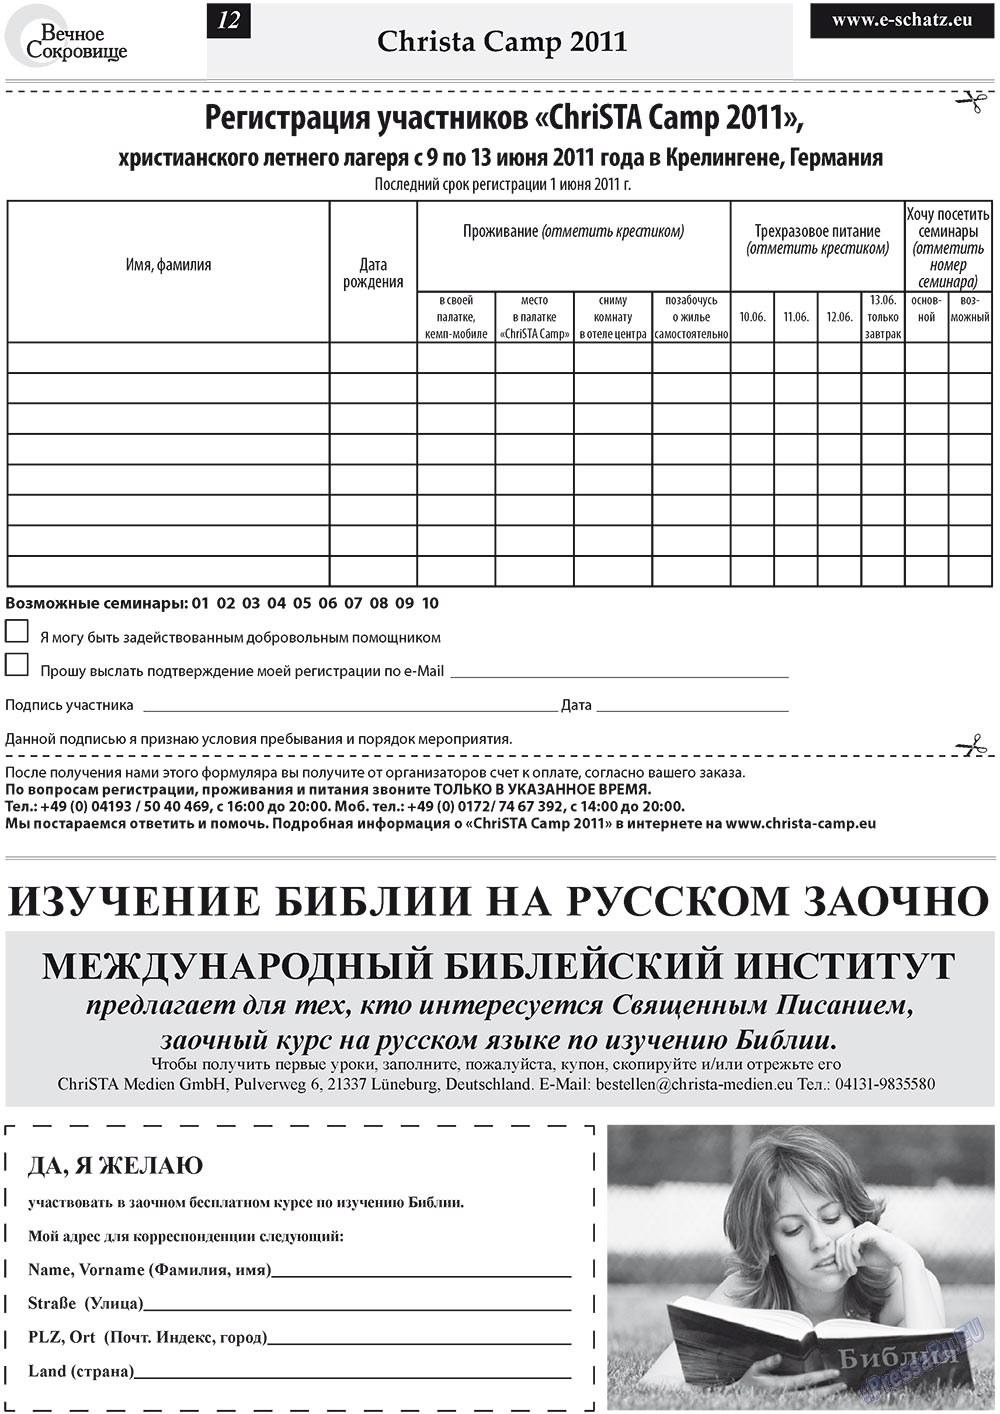 Вечное сокровище (газета). 2011 год, номер 3, стр. 12